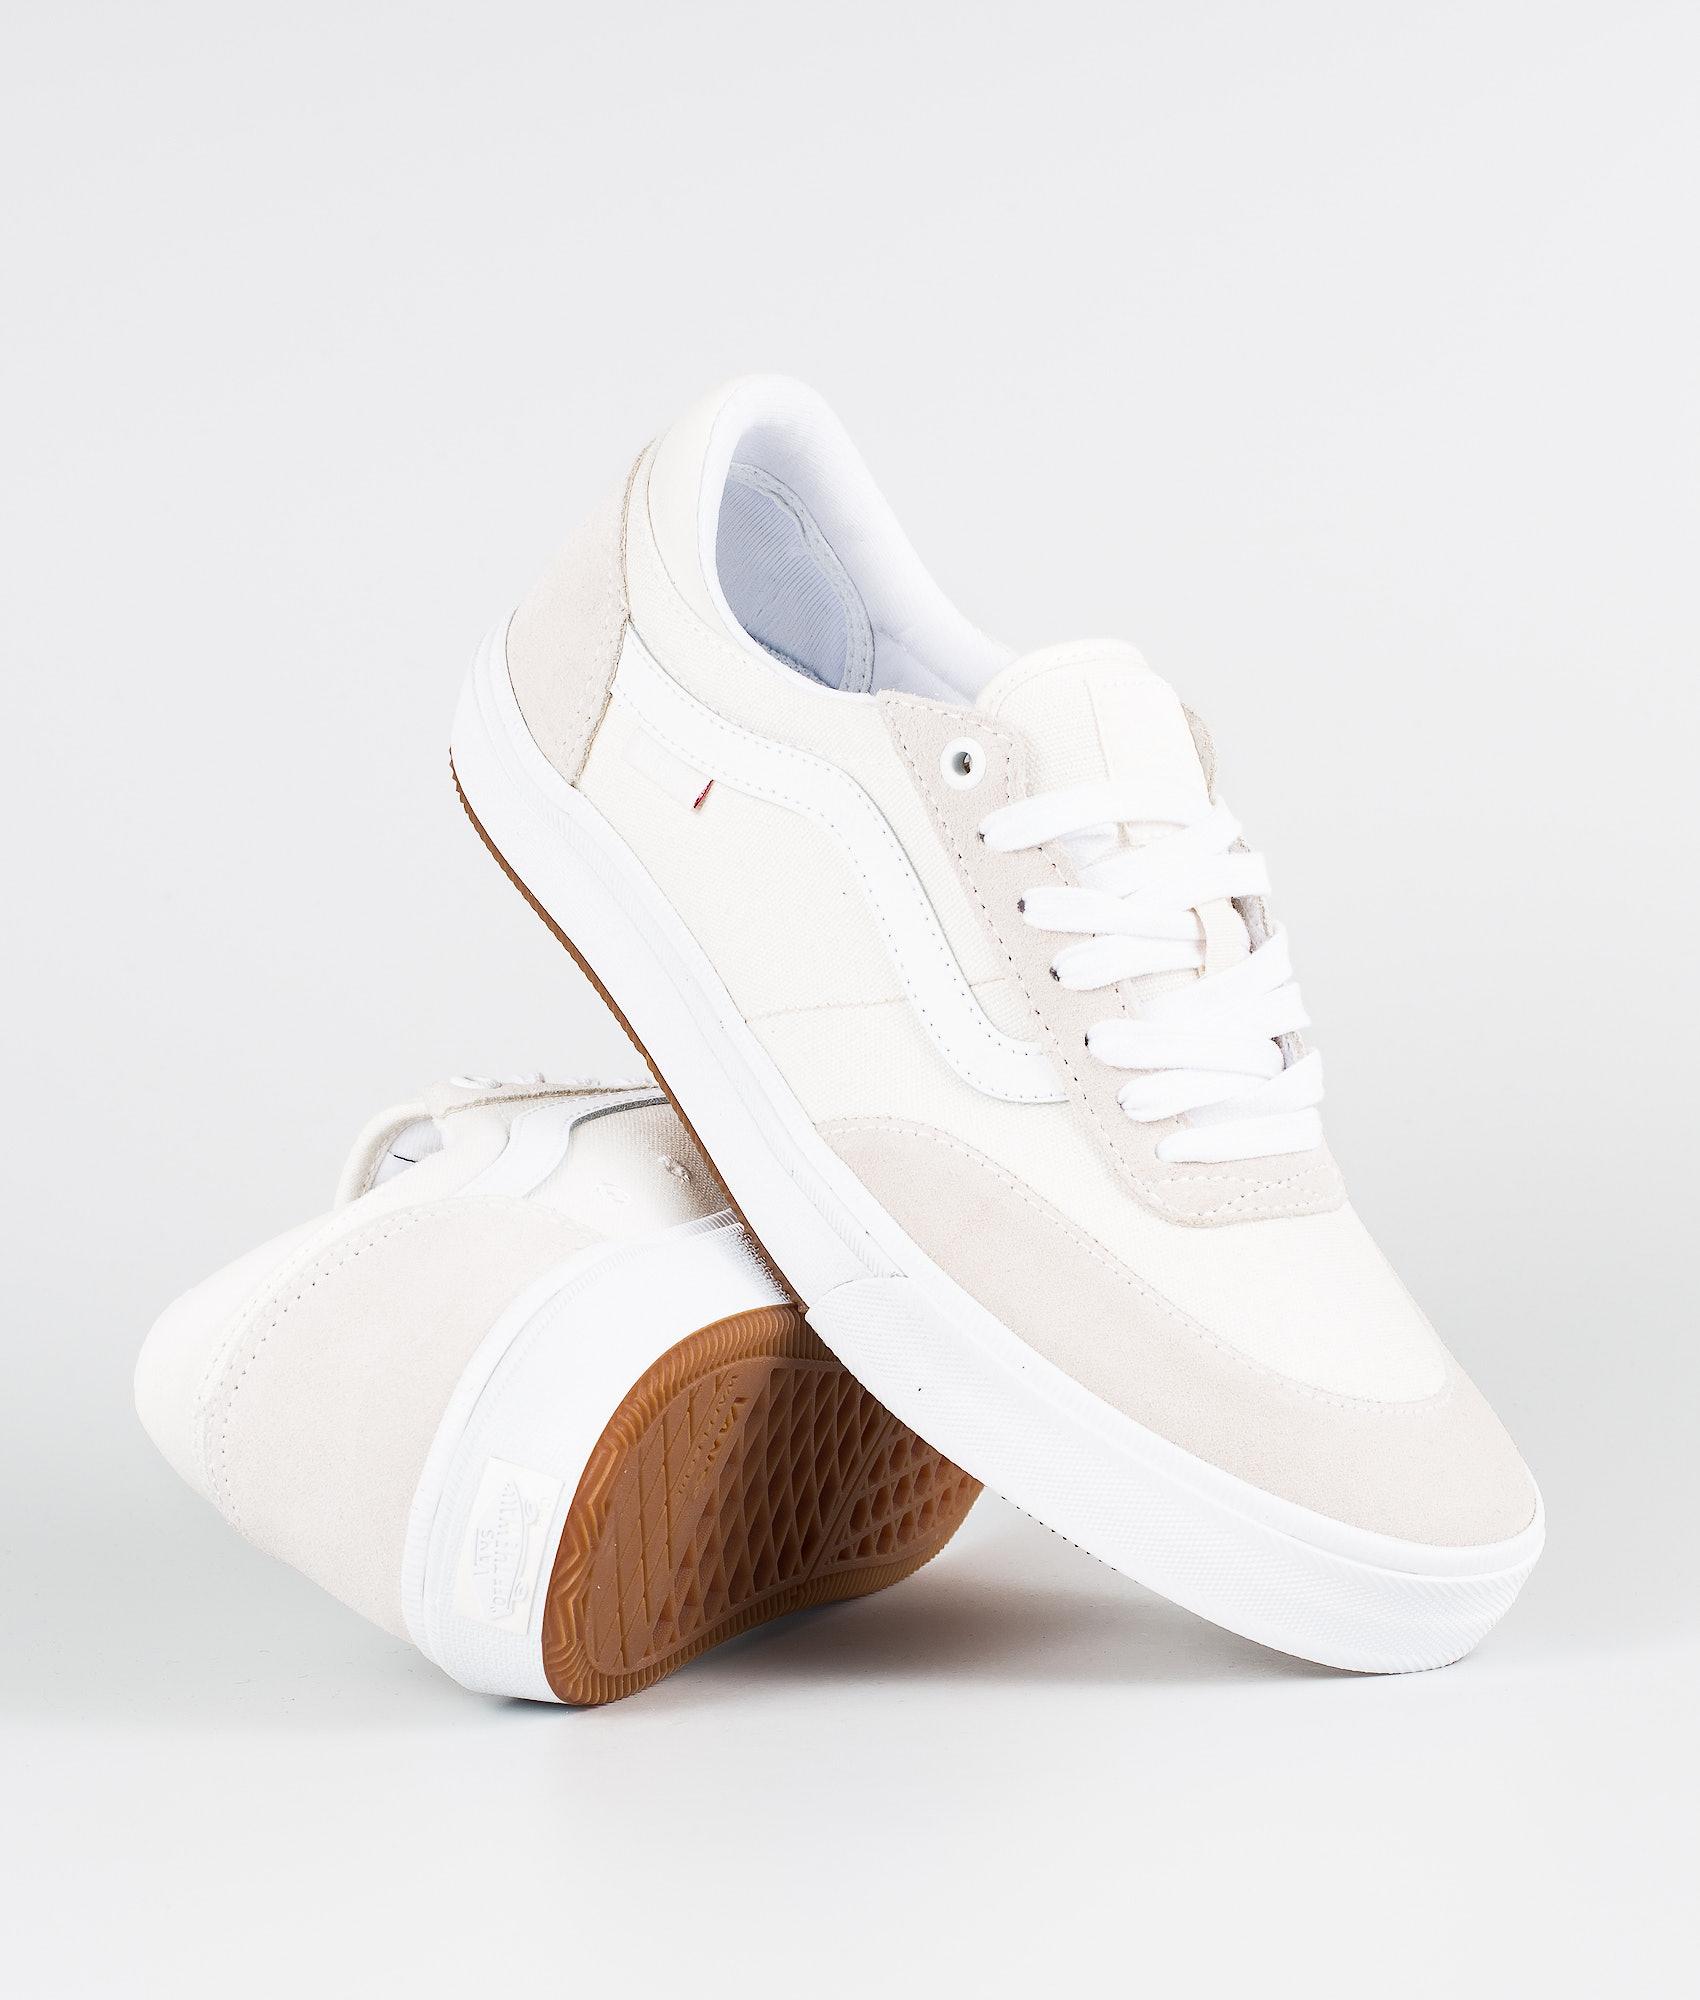 da7fcc7a Vans Gilbert Crockett 2 Pro Shoes Marshmallow/True White